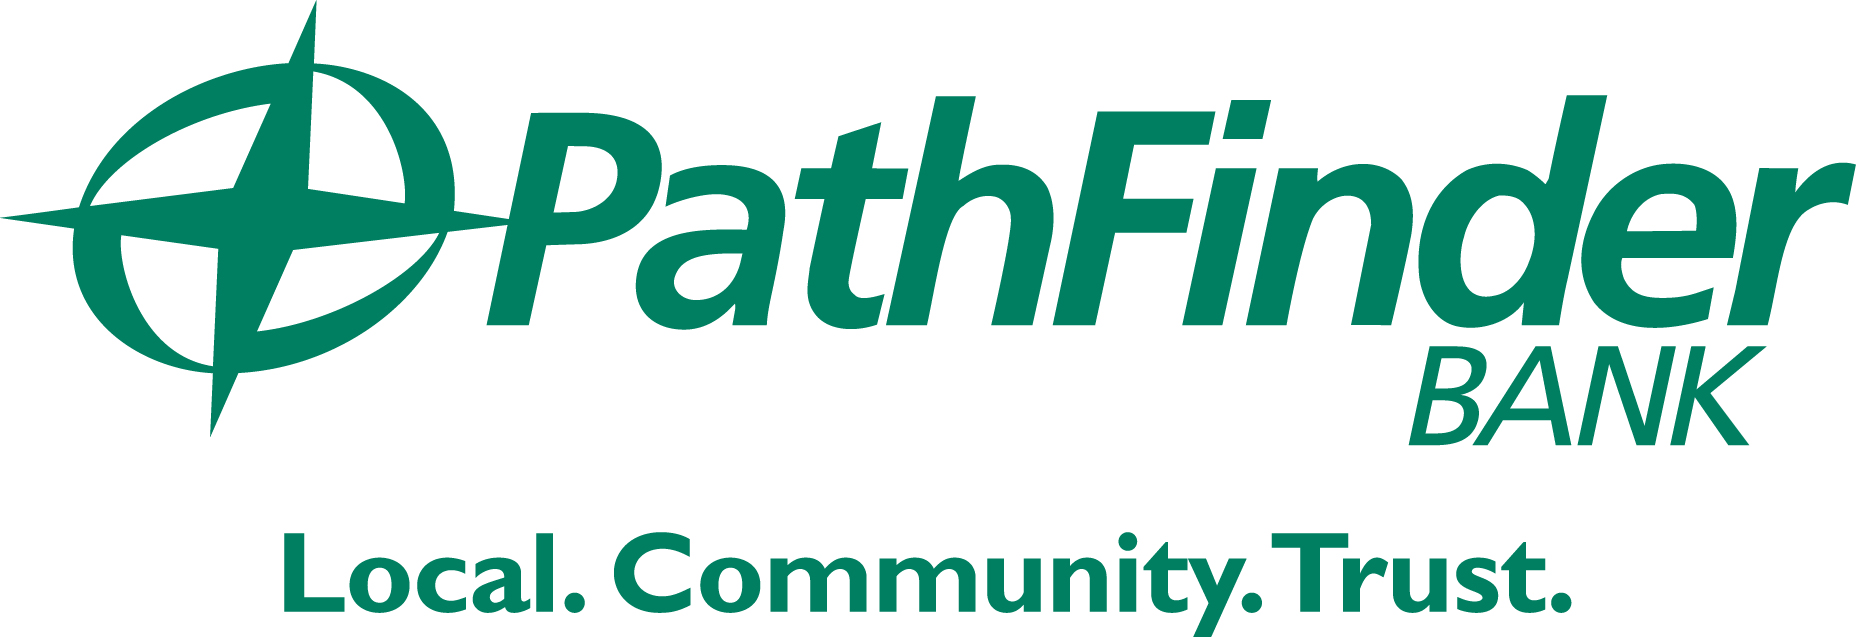 PFB logo_341.jpg